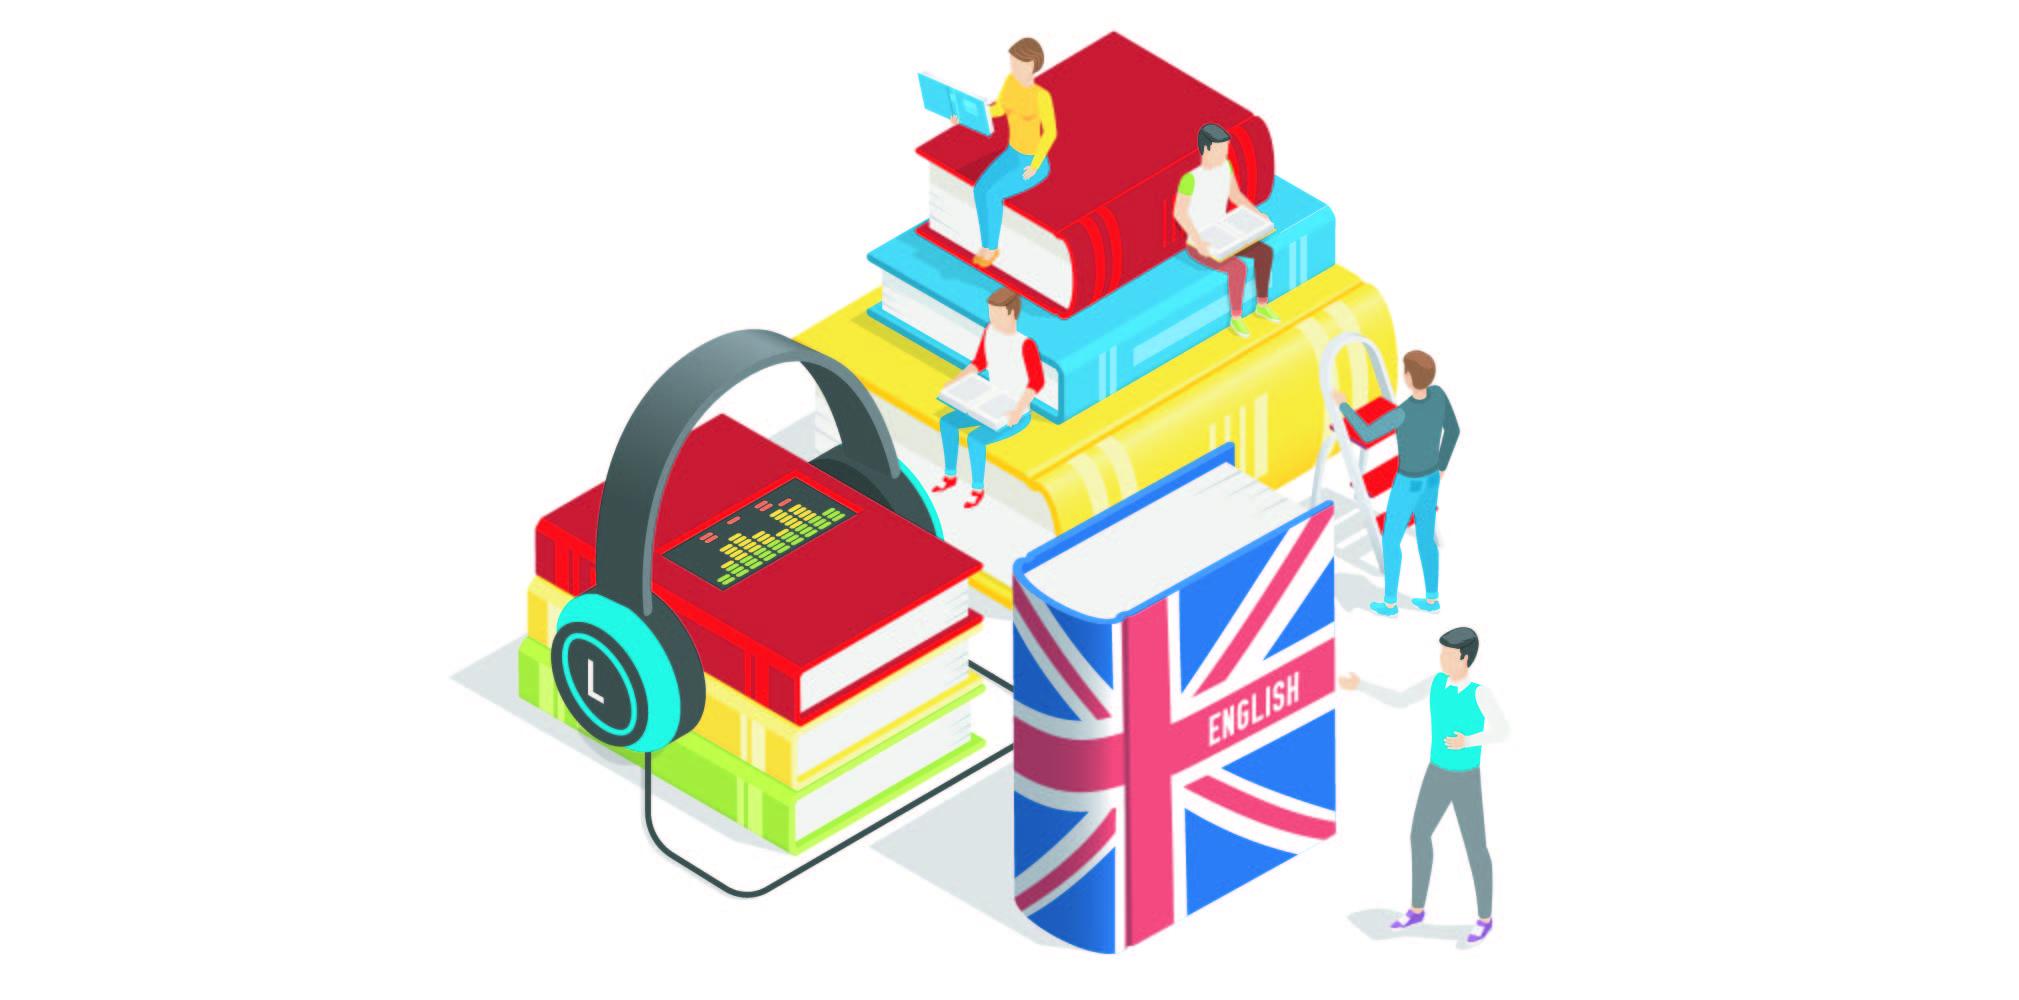 El inglés es el idioma extranjero más utilizado en México, pero el francés, el alemán y él chino mandarín resultan también muy útiles